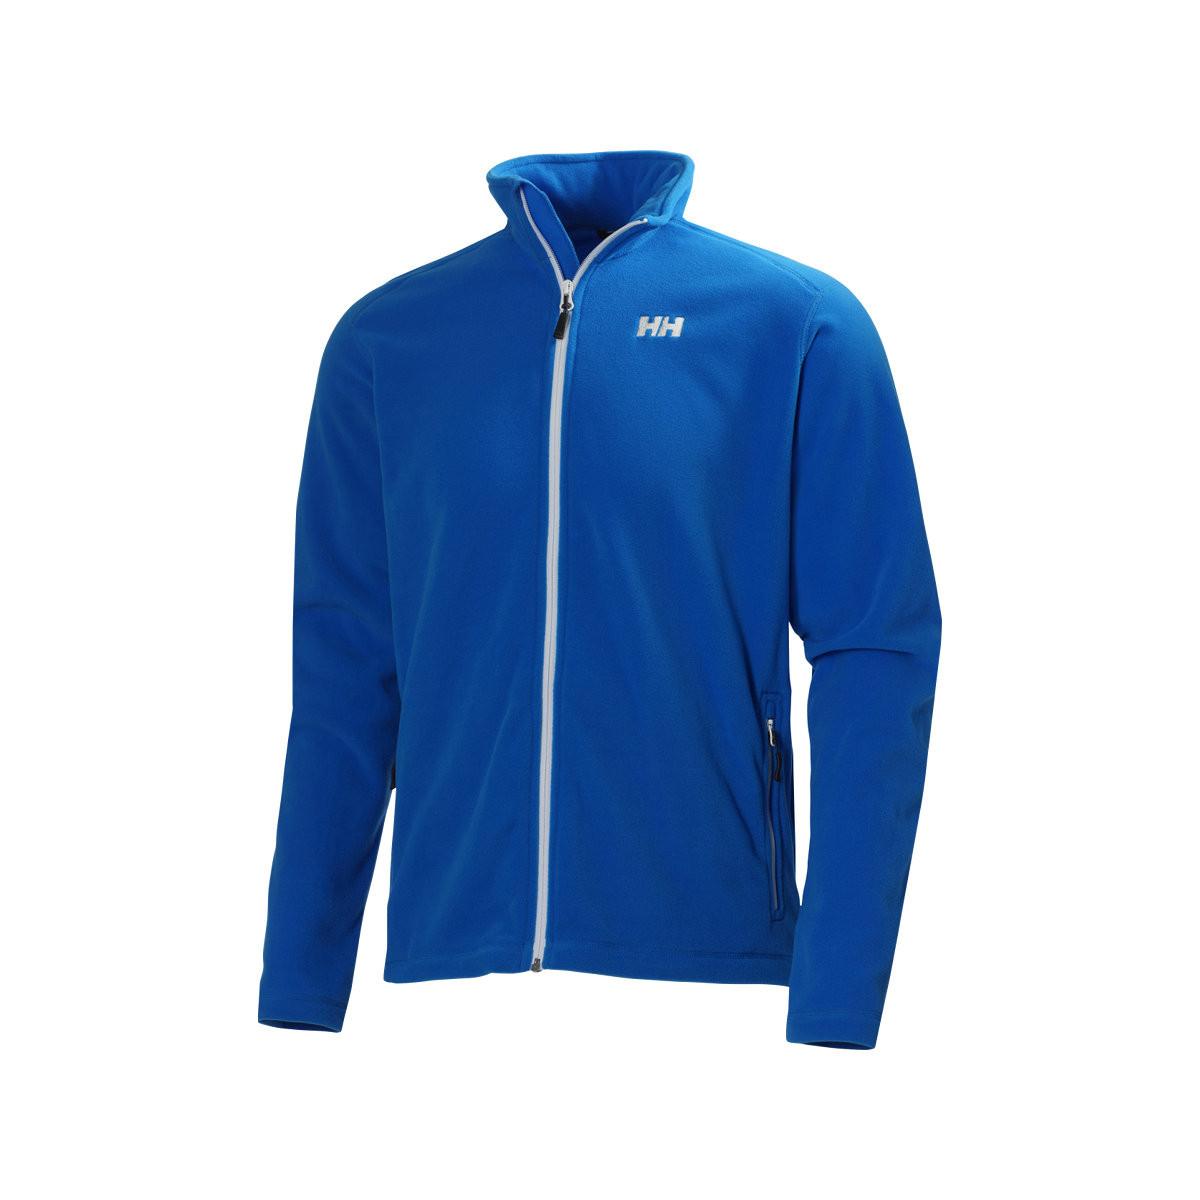 Blau Helly Hansen Herren Daybreaker Fleece Jacket Fleece-jacke Graphite Blue L